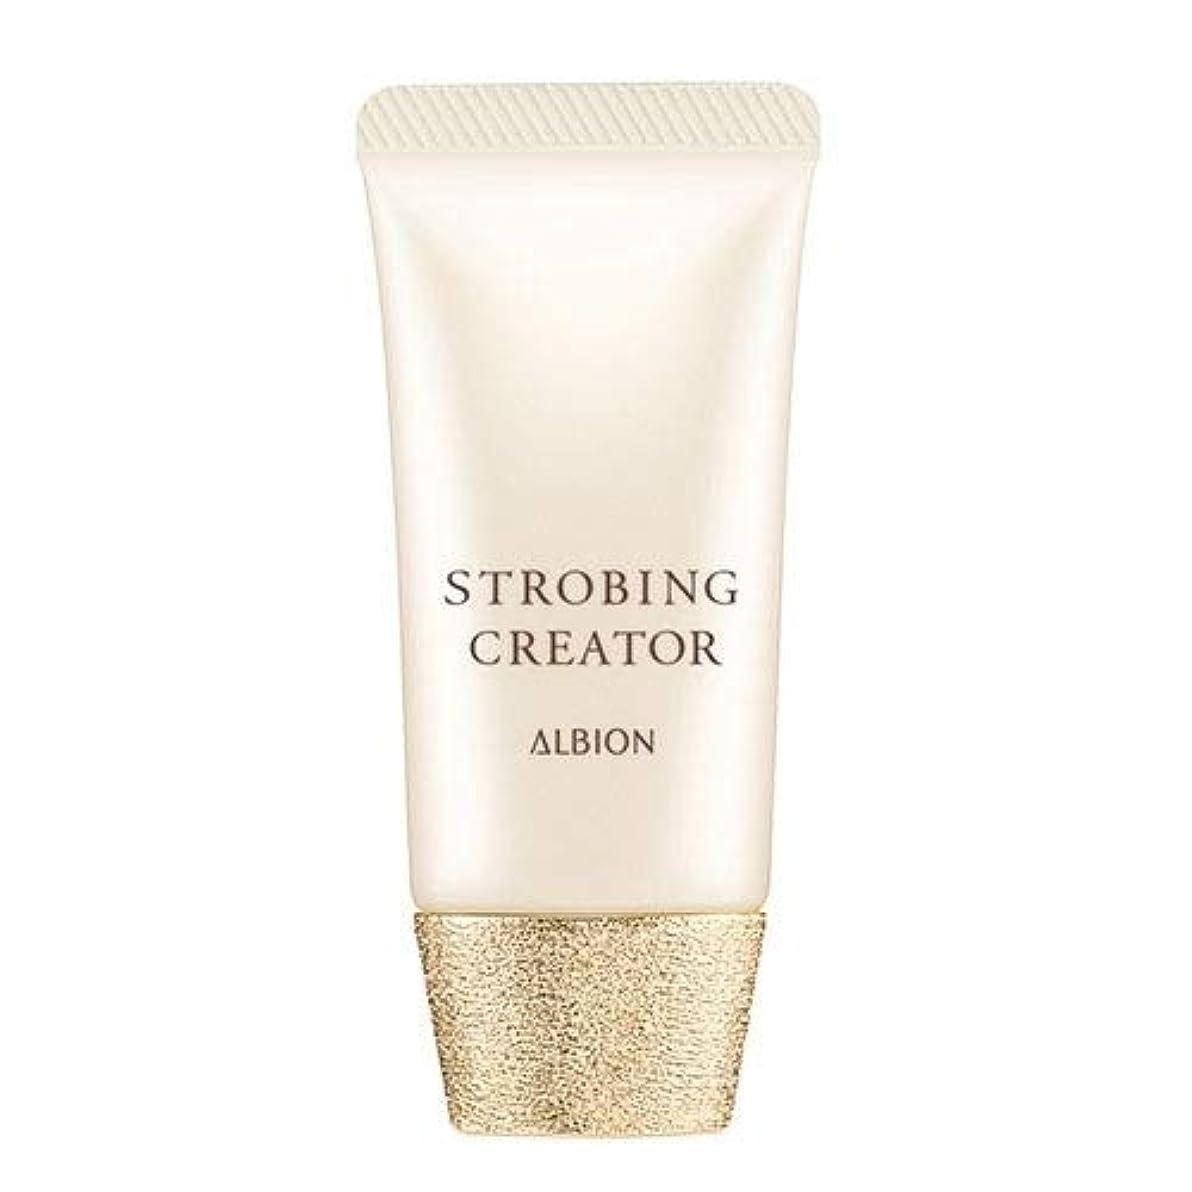 ファッションホーン決済アルビオン ストロビング クリエイター SPF 26 PA++ 30g-ALBION-